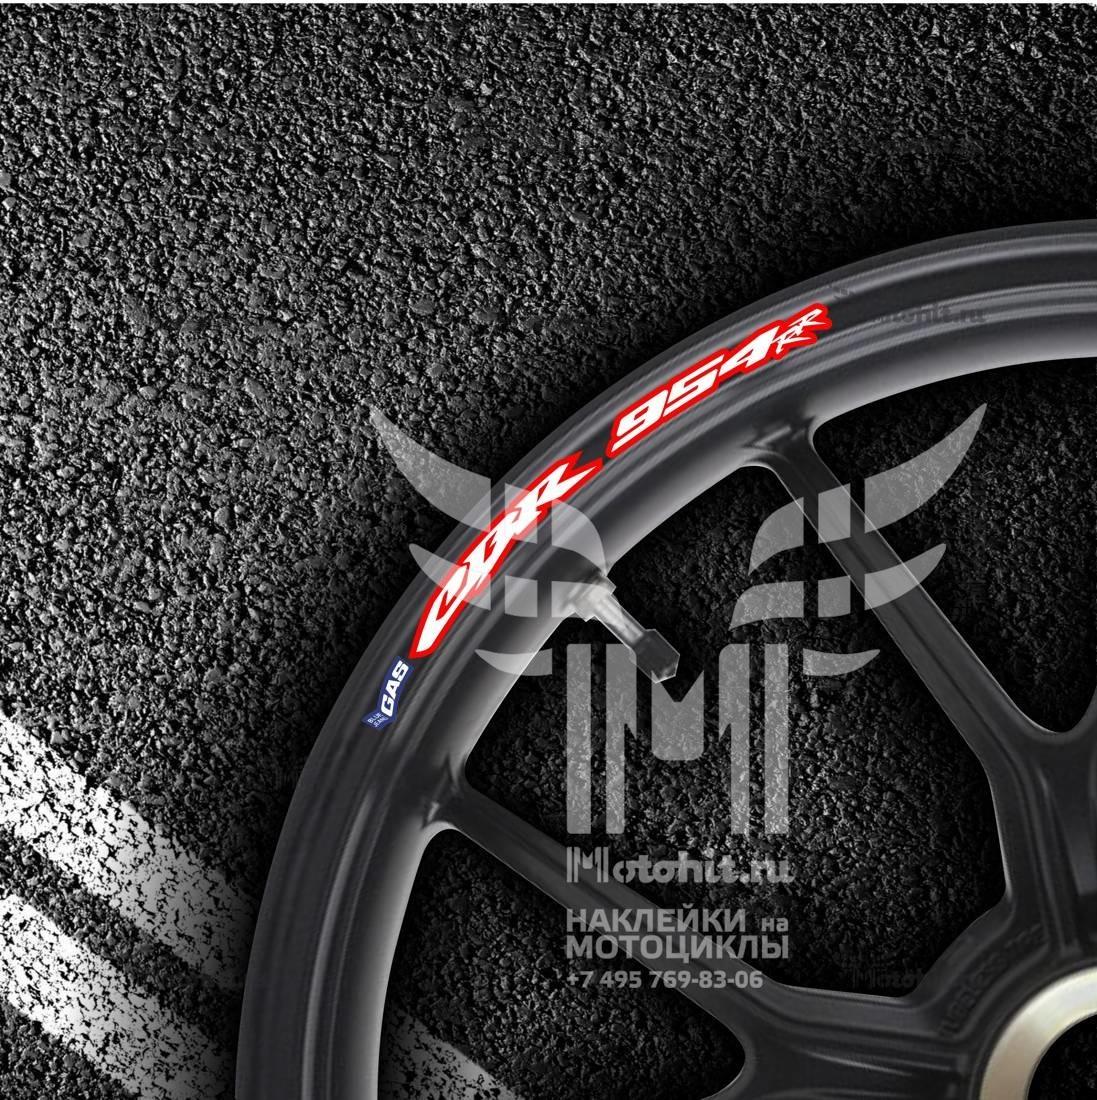 Комплект наклеек на обод колеса мотоцикла HONDA CBR-954-RR